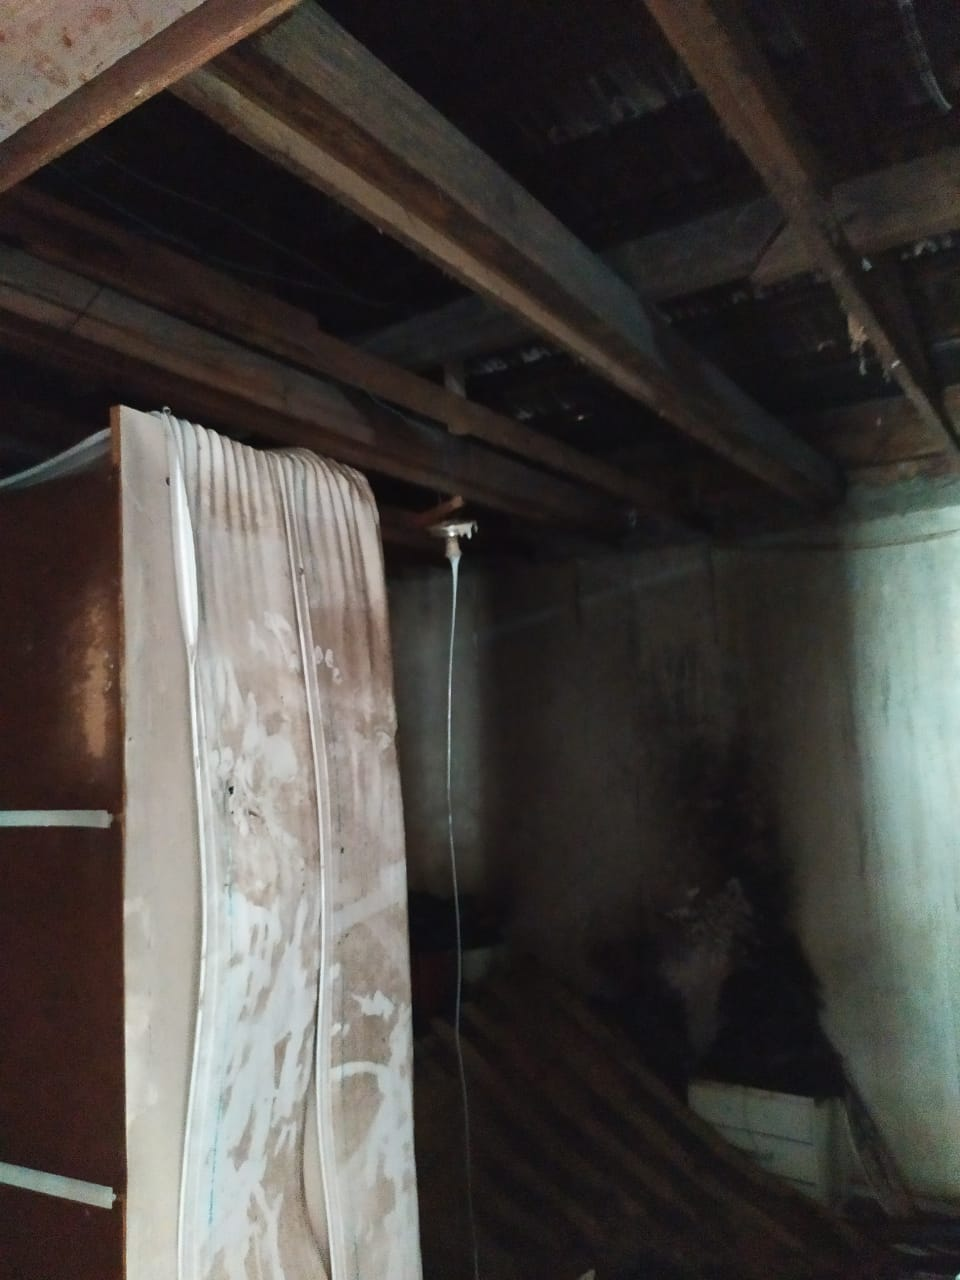 Quarto de residência atingido por incêndio nesta terça-feira, 24, no bairro Bateas